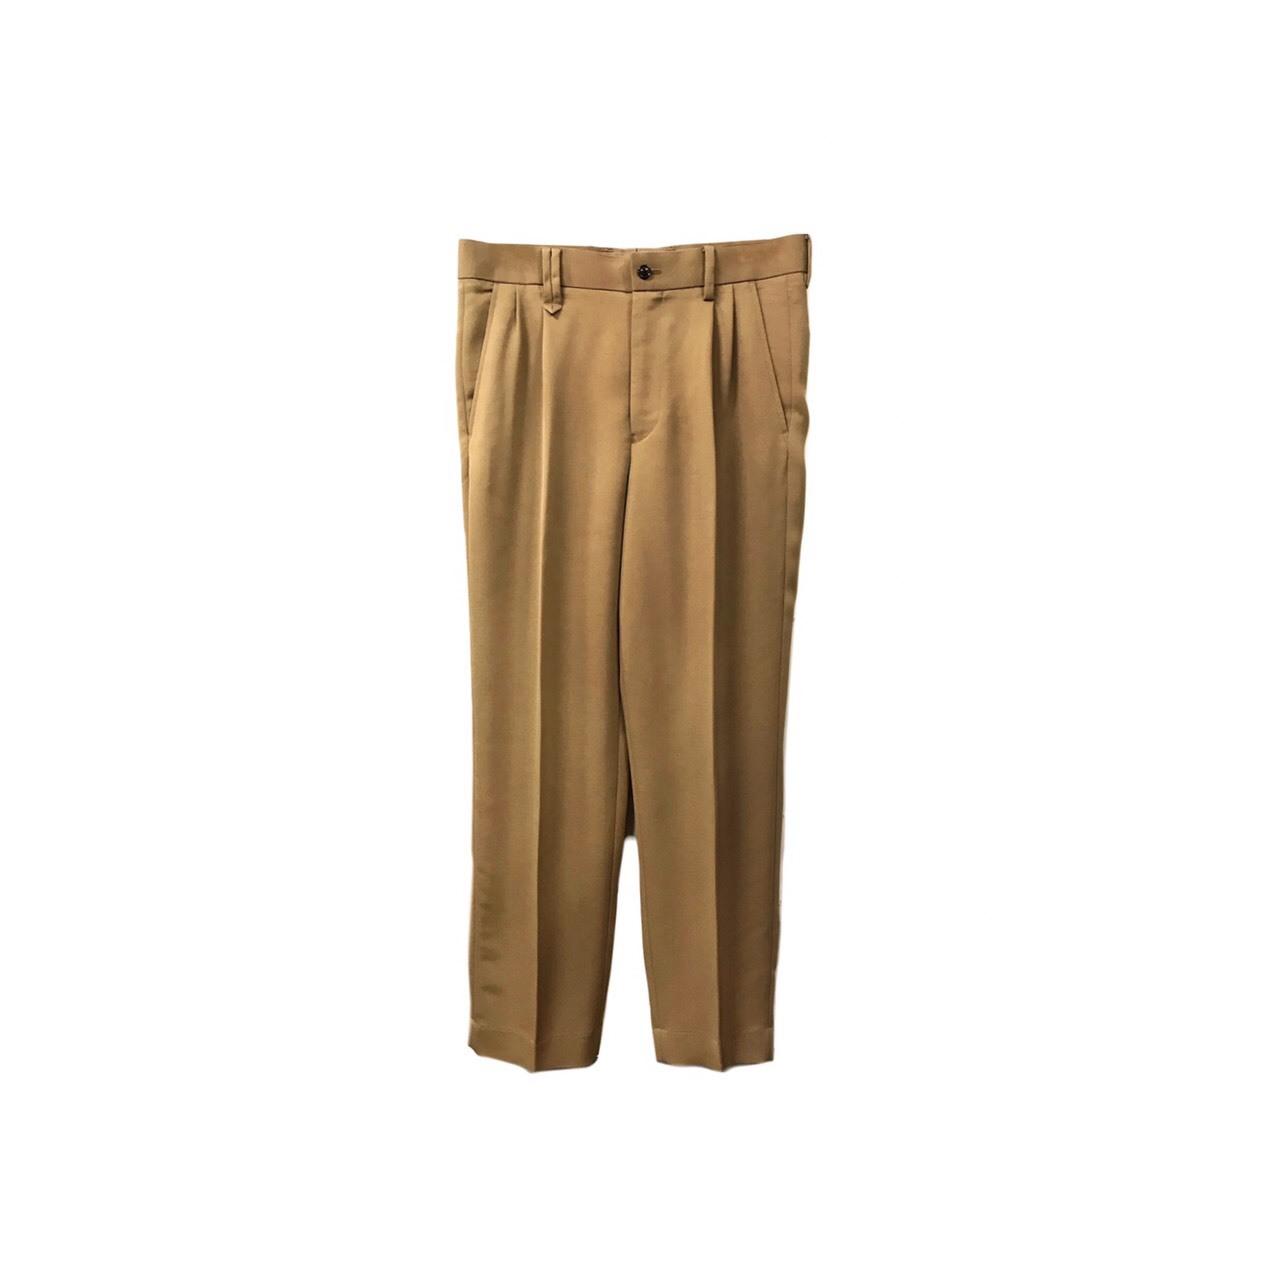 soe - Tack Slacks Pants (size - 0) ¥16500+tax